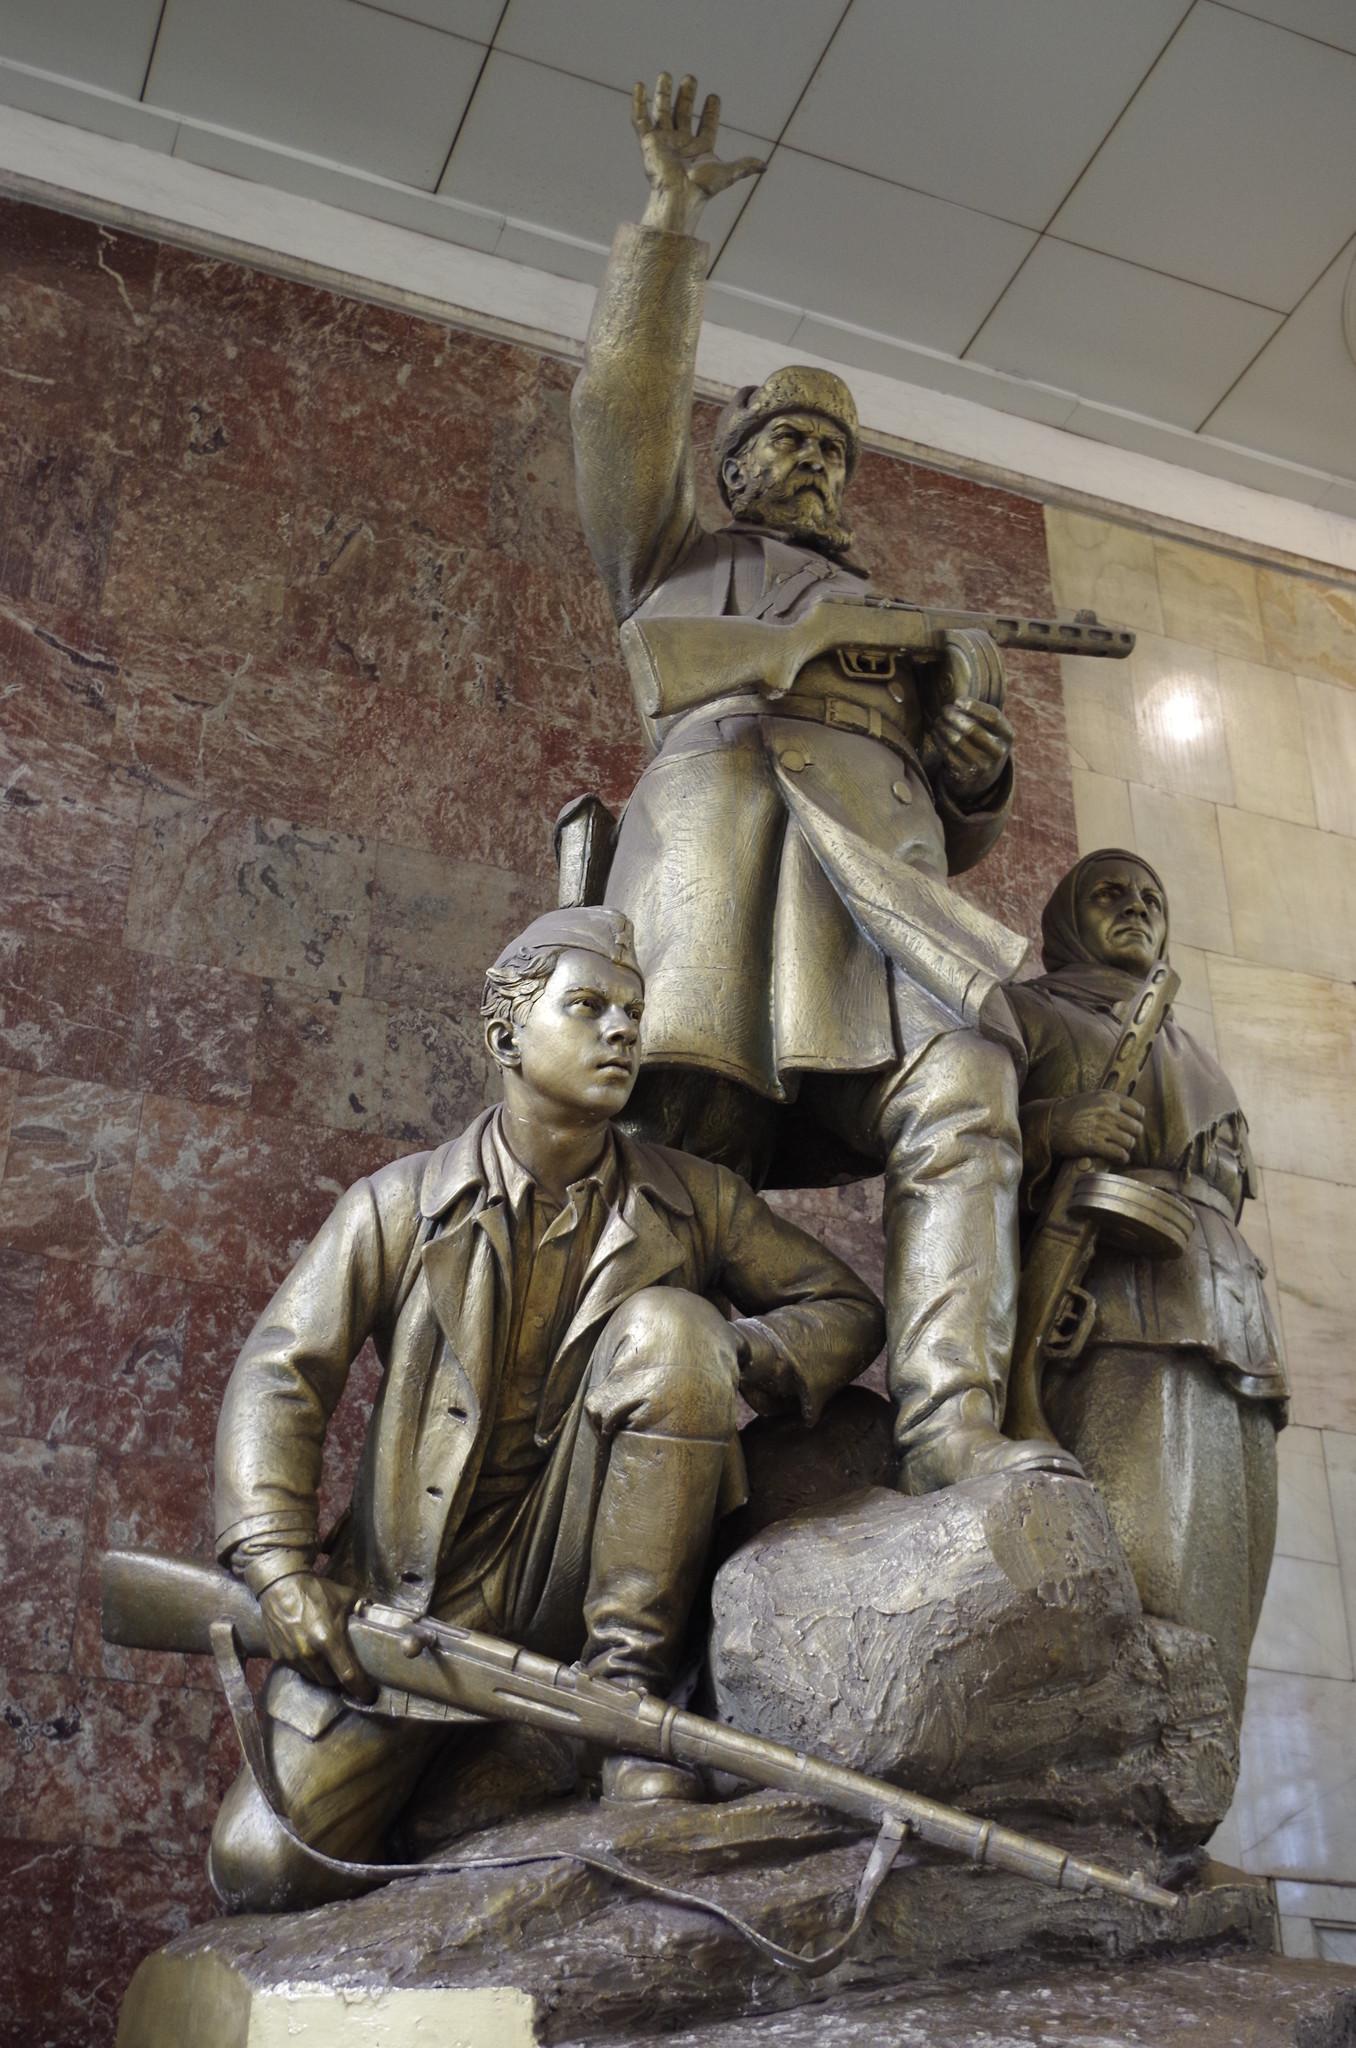 Скульптурная группа «Партизаны» (скульптор М.Г. Манизер). Станция метро «Партизанская»